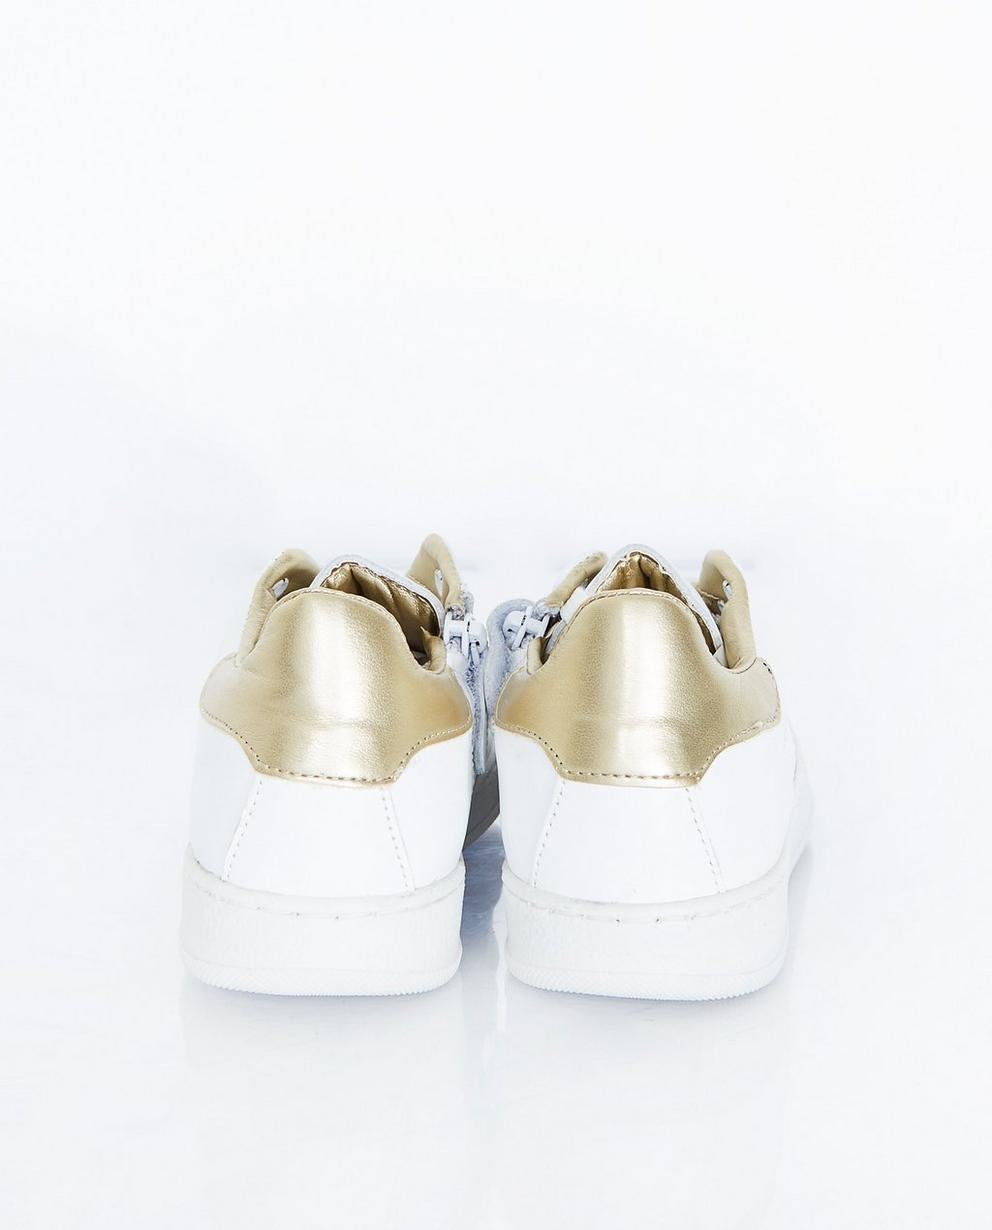 Schuhe - Weiss - Weiße Sneaker mit goldenes Detail